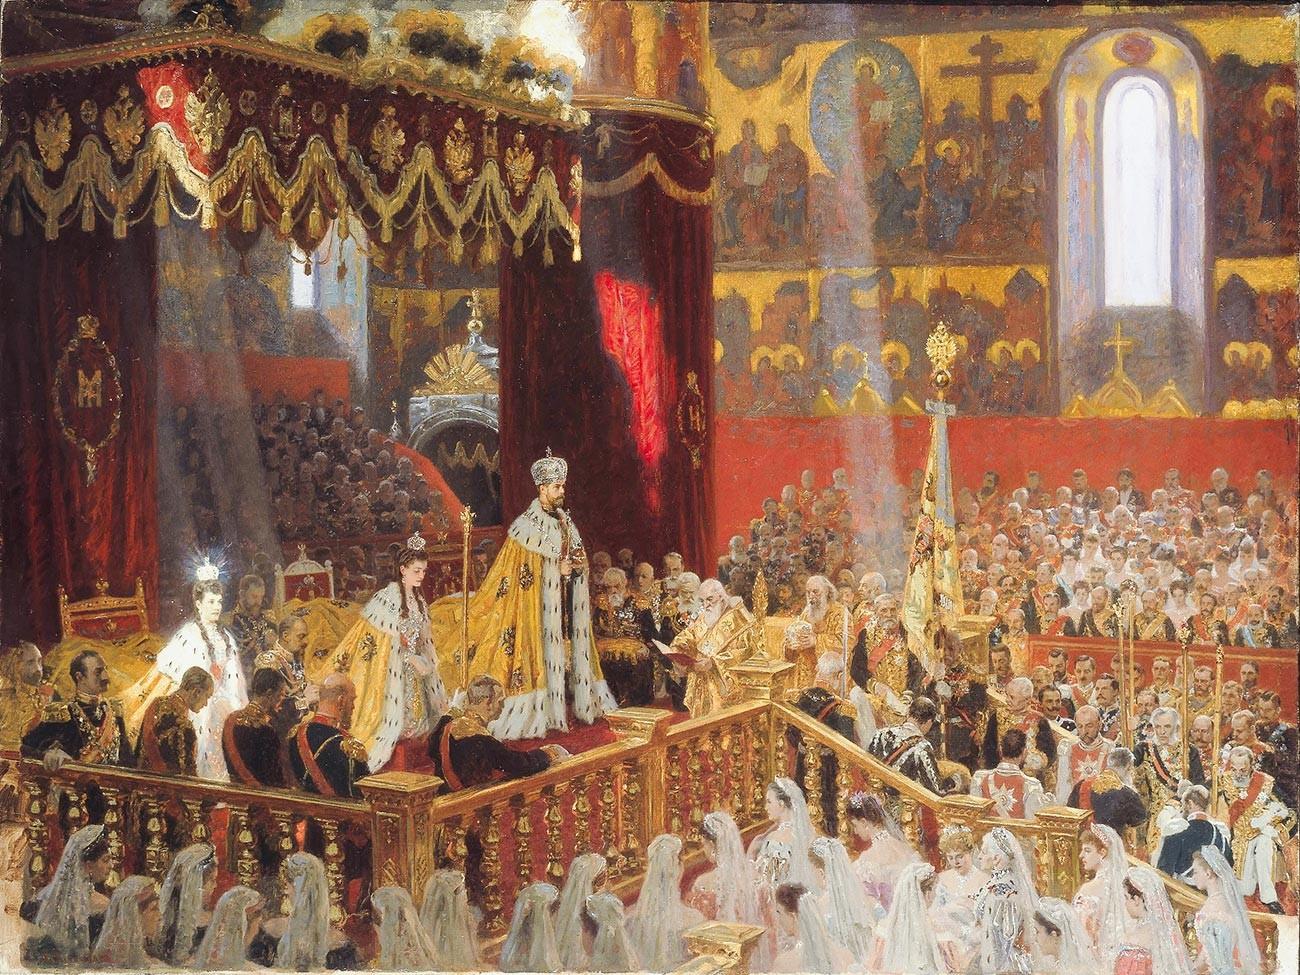 ウスペンスキー大聖堂で行われたニコライ2世の戴冠式